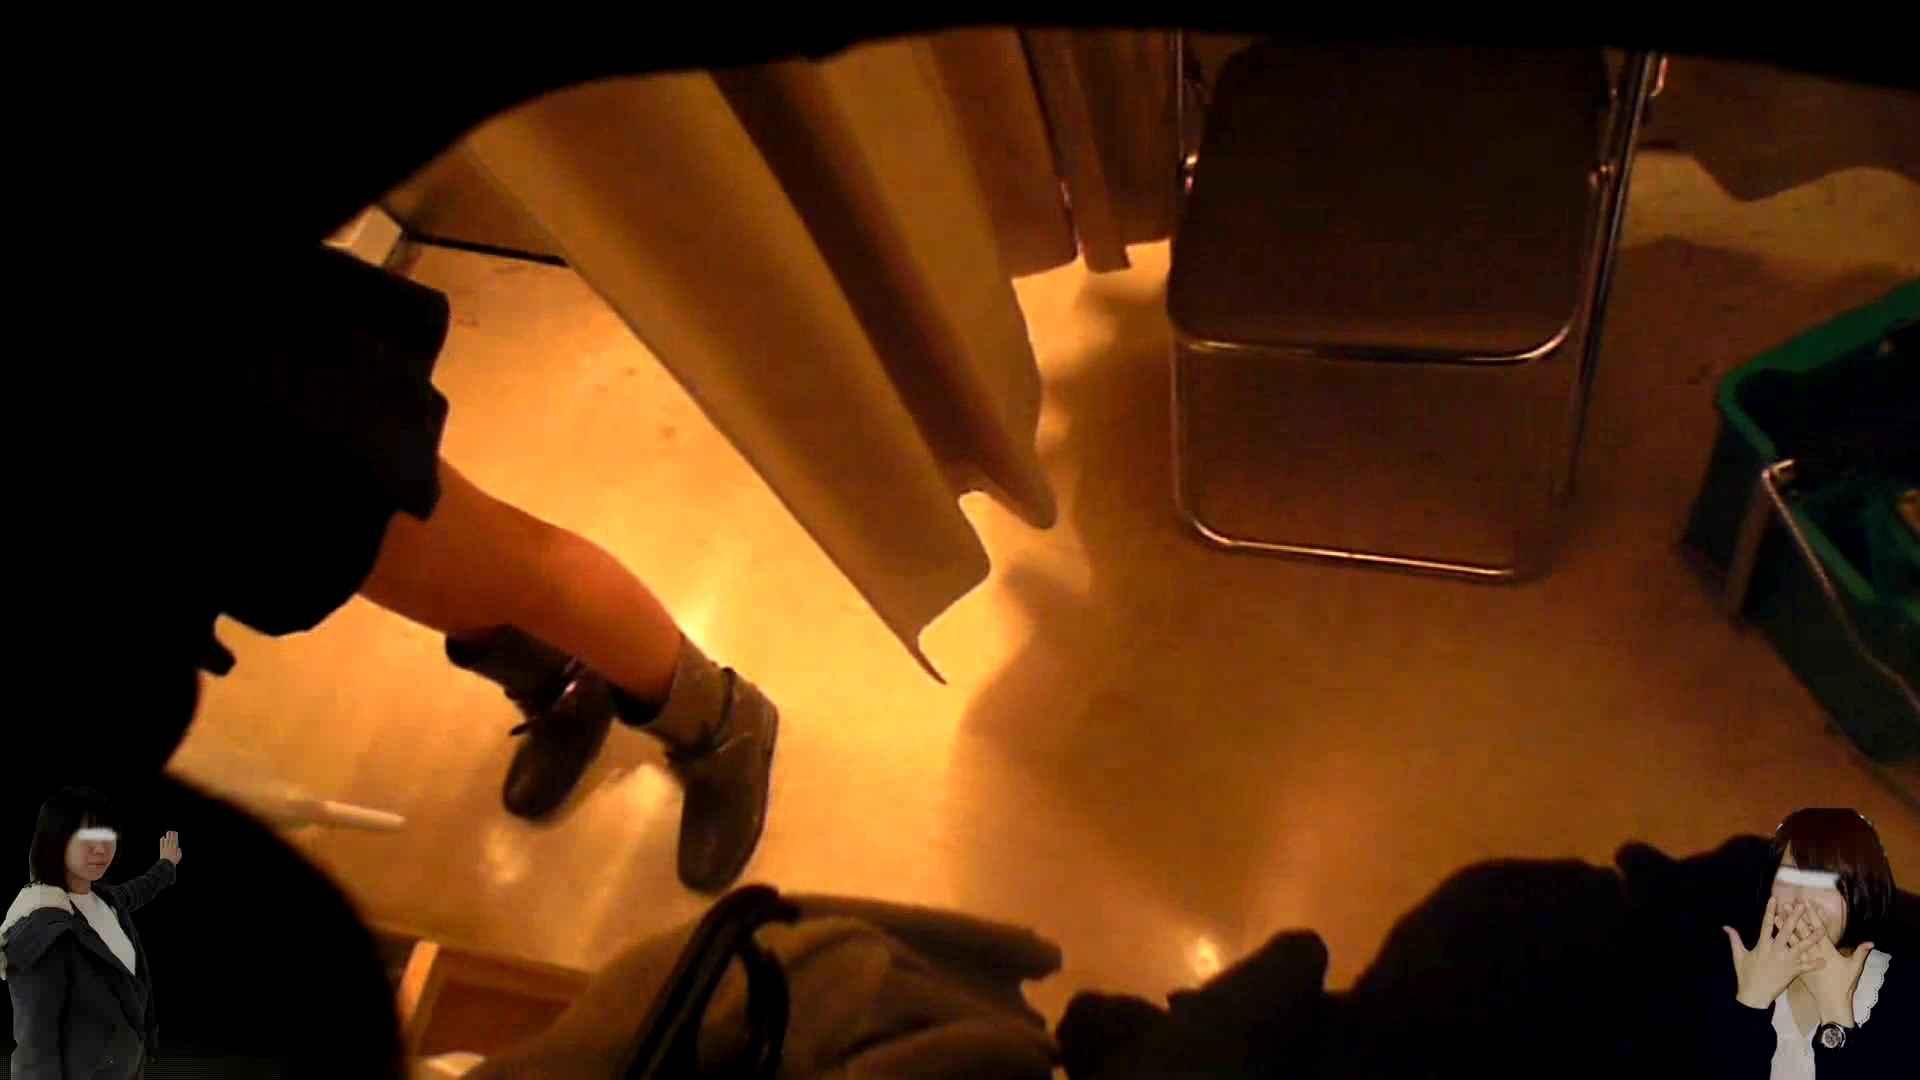 素人投稿 現役「JD」Eちゃんの着替え Vol.05 美しいOLの裸体 われめAV動画紹介 78pic 2